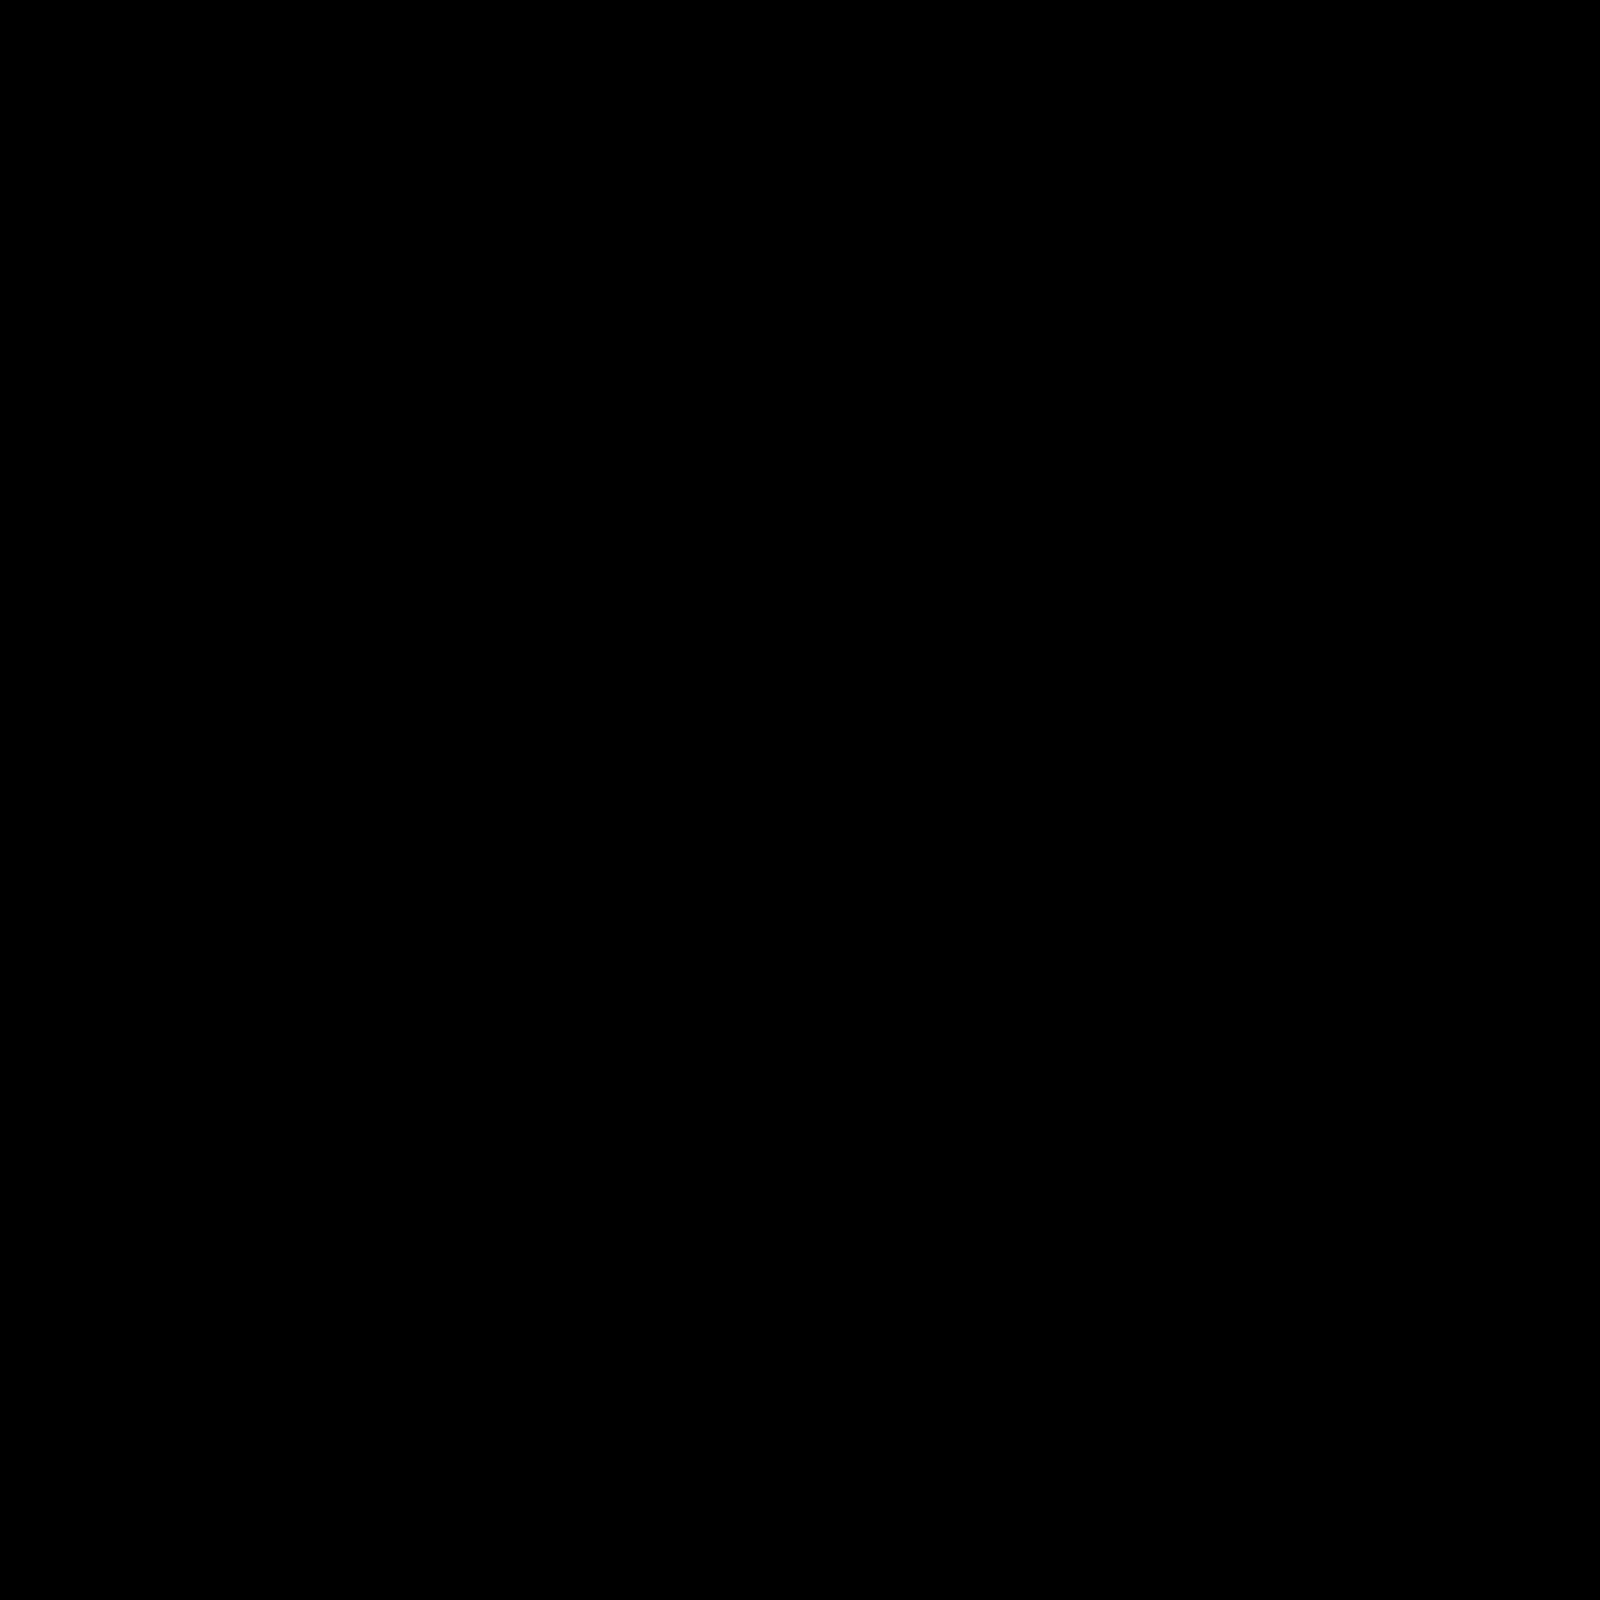 正社員の職 icon. The icon is a simplified portrait picture of a humanoid figure with short hair, wearing a suit. Behind this figure is a tall building, shaped like a pentagon with its point extending vertical, with dark rectangle windows. The icon represents a permanent job or occupation.